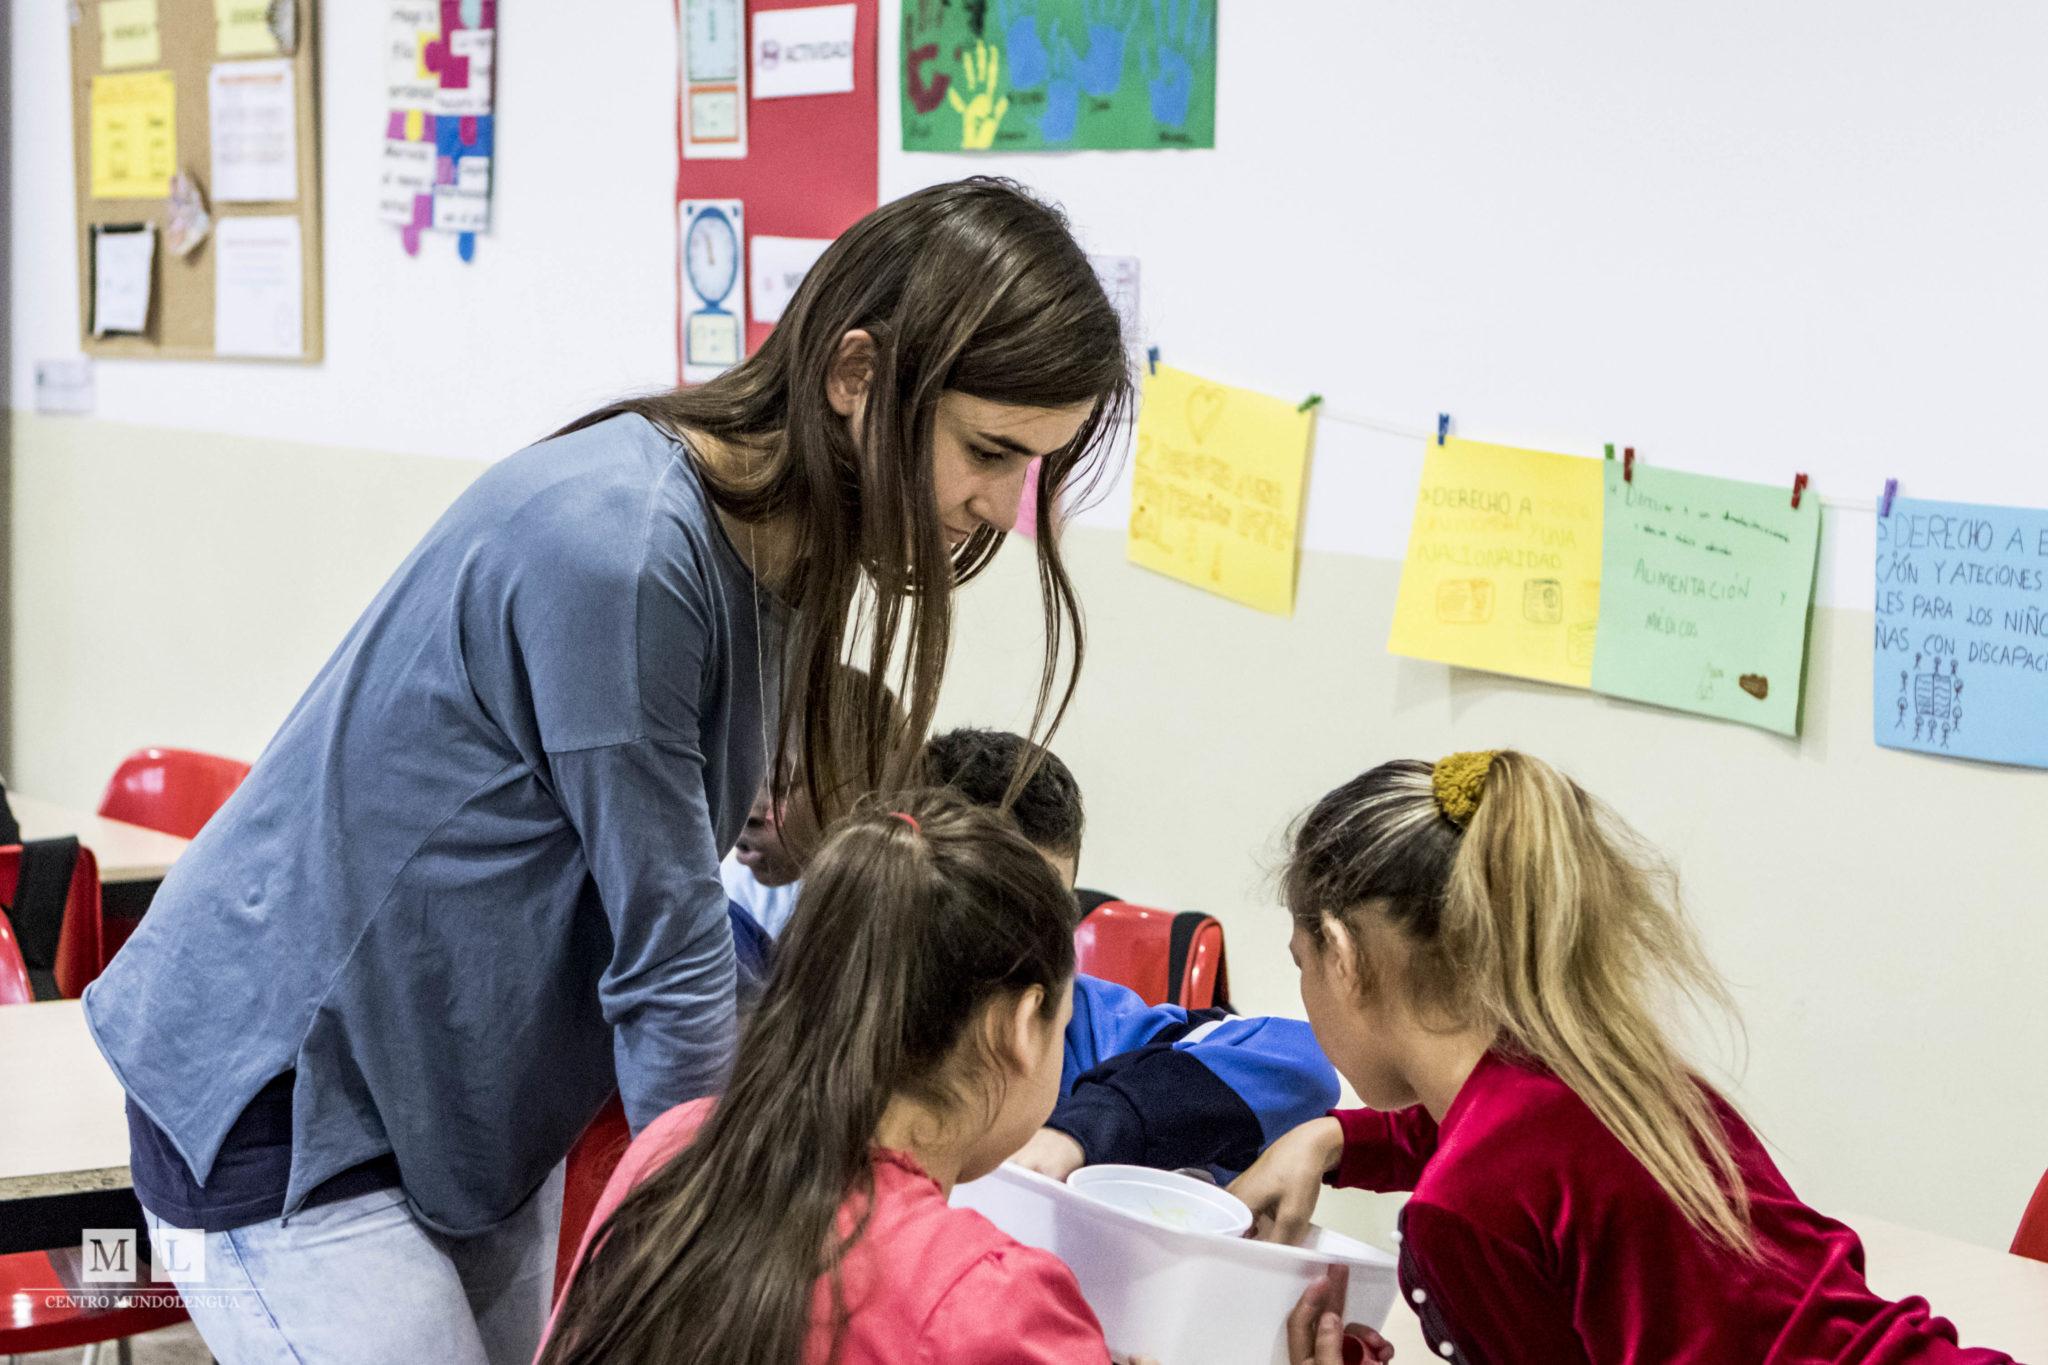 Volunteer in Spain to help kids